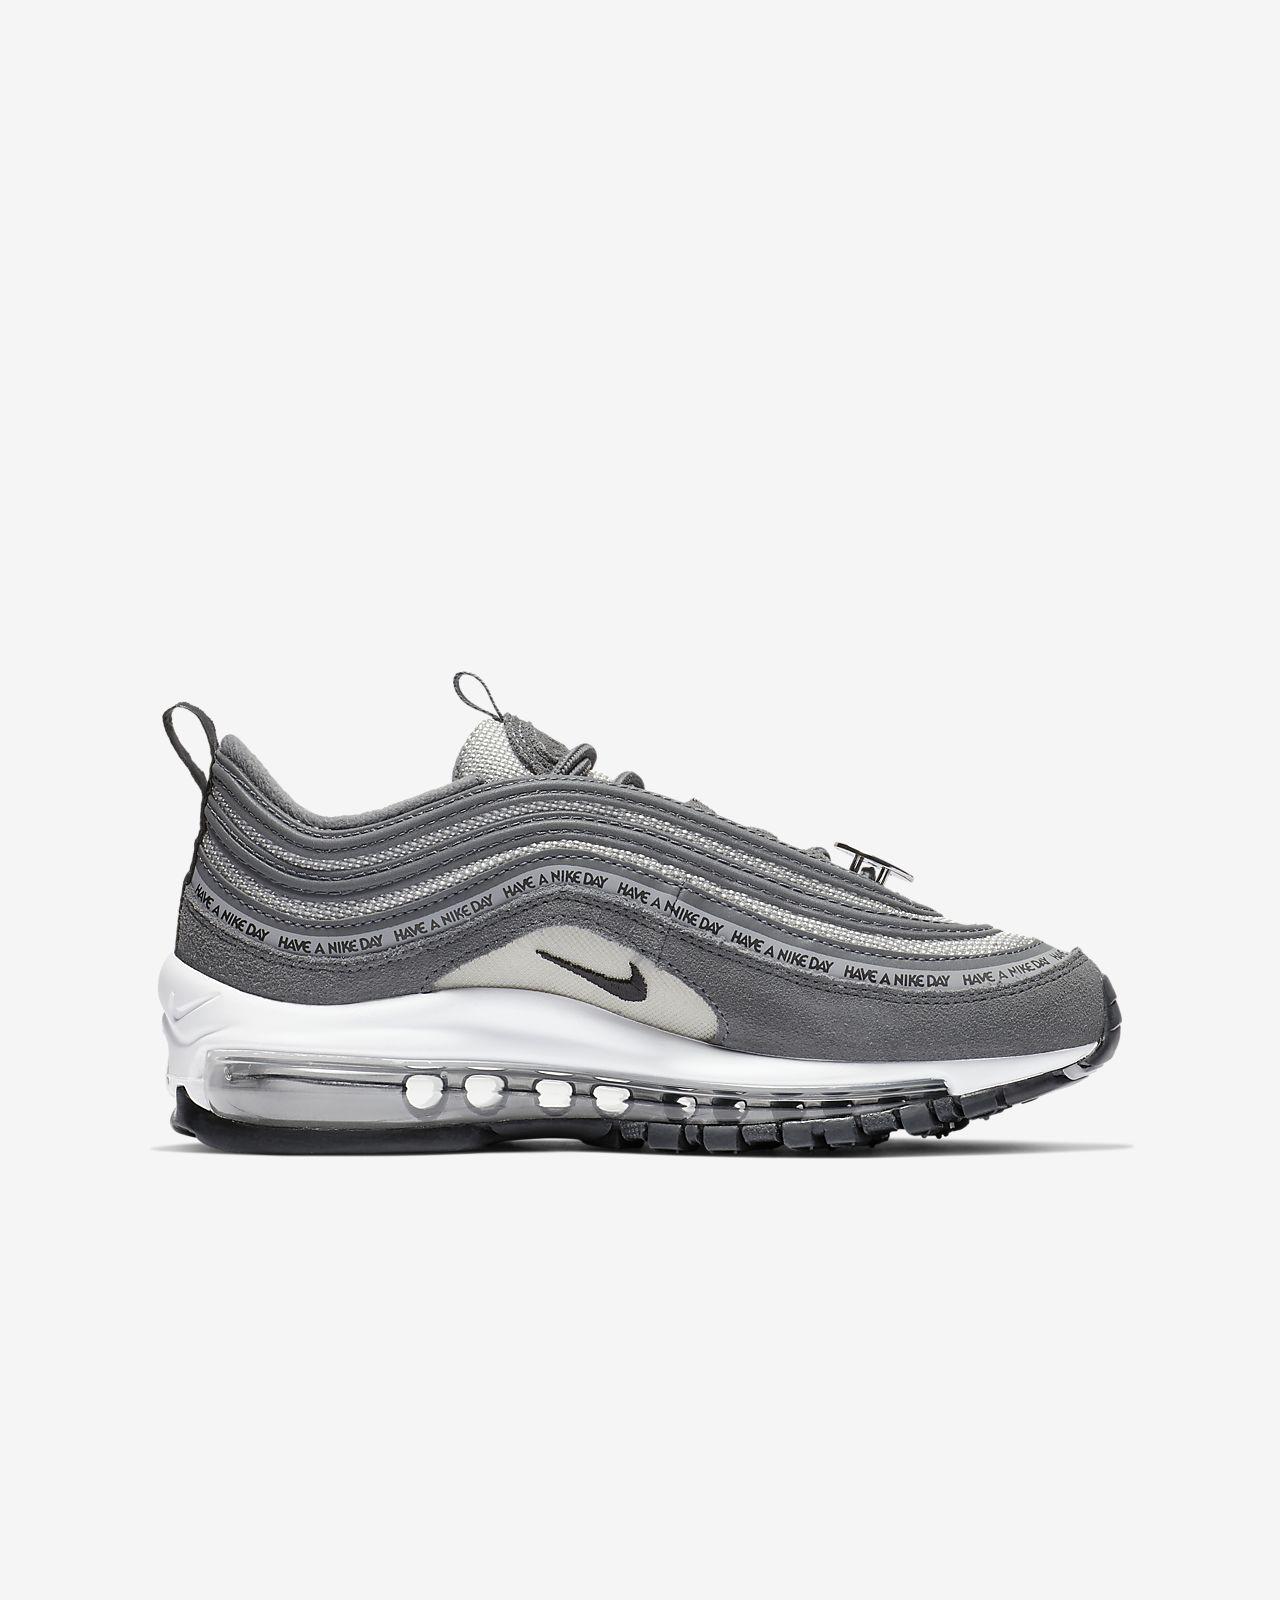 best service dc7fe 8b7da ... Chaussure Nike Air Max 97 SE pour Enfant plus âgé